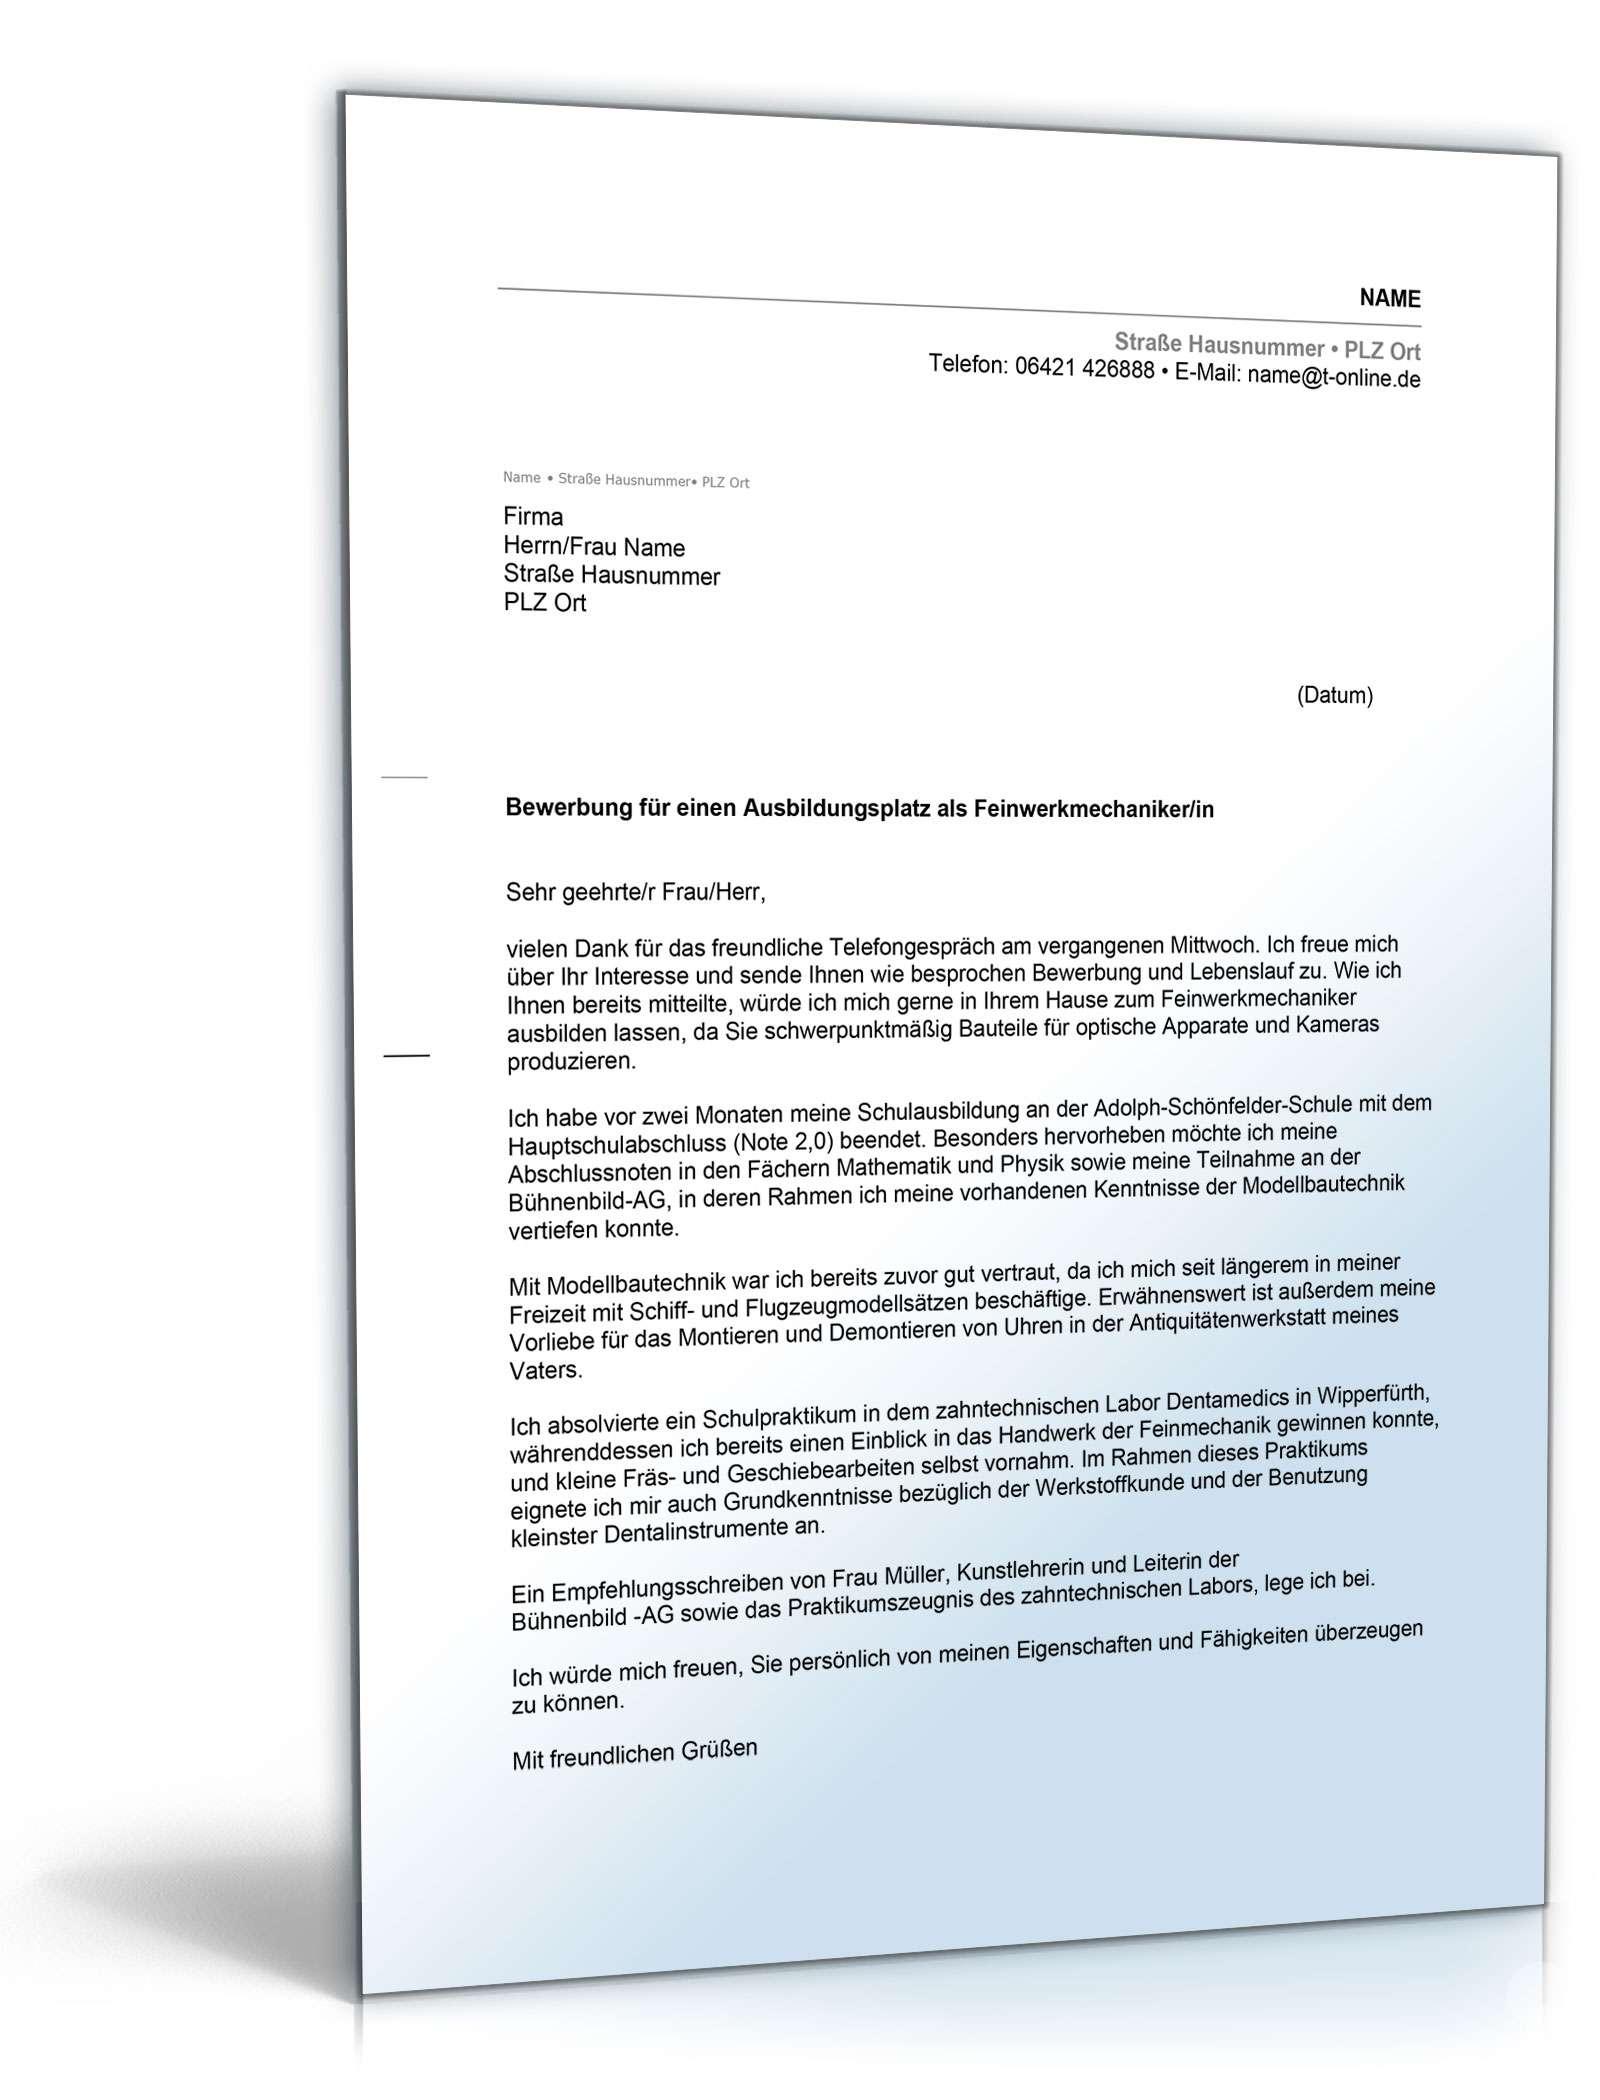 anschreiben bewerbung hauptschulabschluss ausbildungsplatz - Bewerbungsvorlage Anschreiben